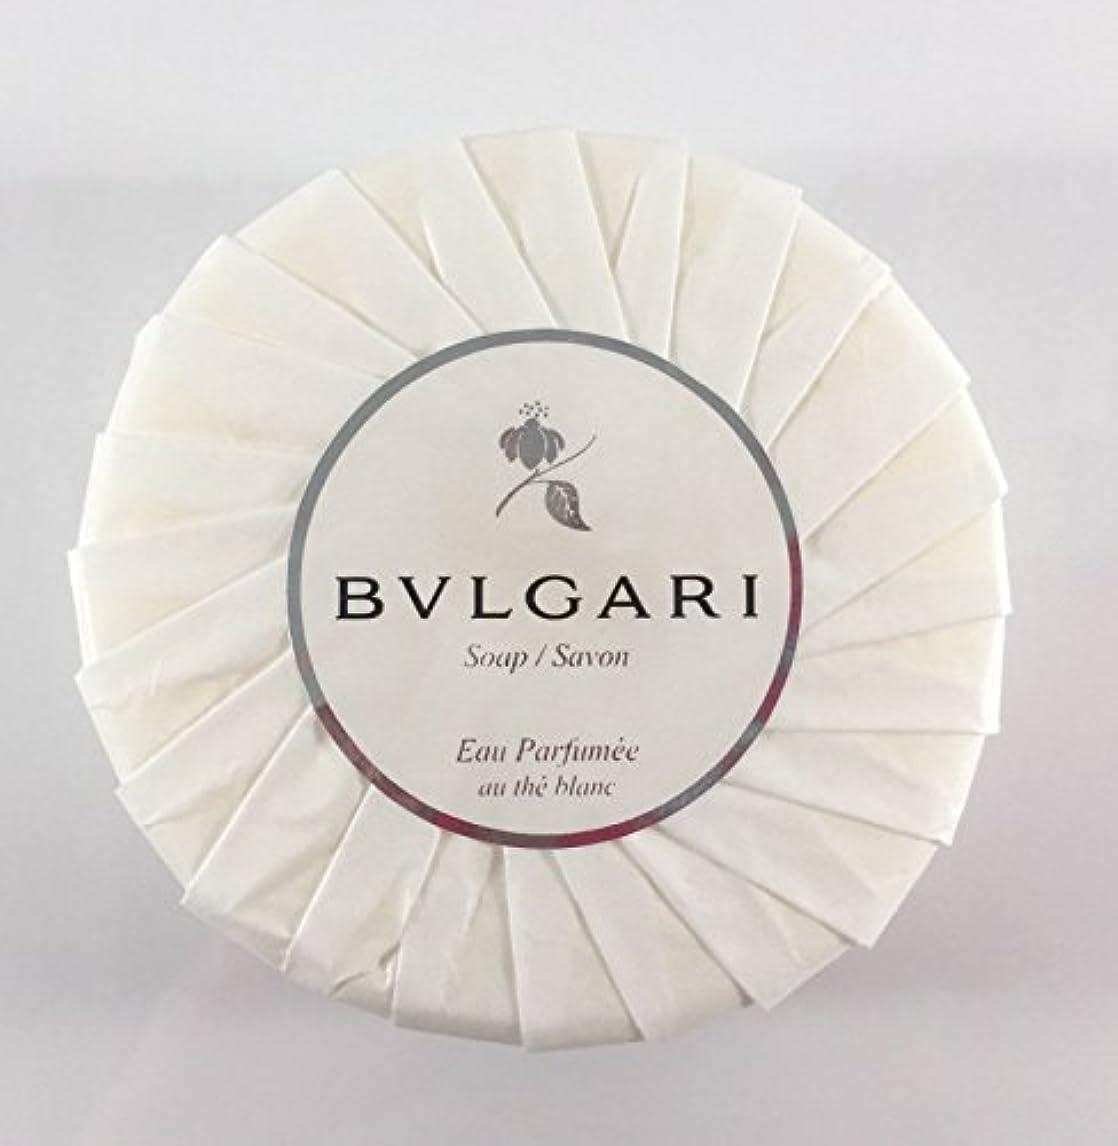 姿を消すセージ思い出すブルガリ オ?パフメ オーテブラン デラックスソープ150g BVLGARI Bvlgari Eau Parfumee au the blanc White Soap